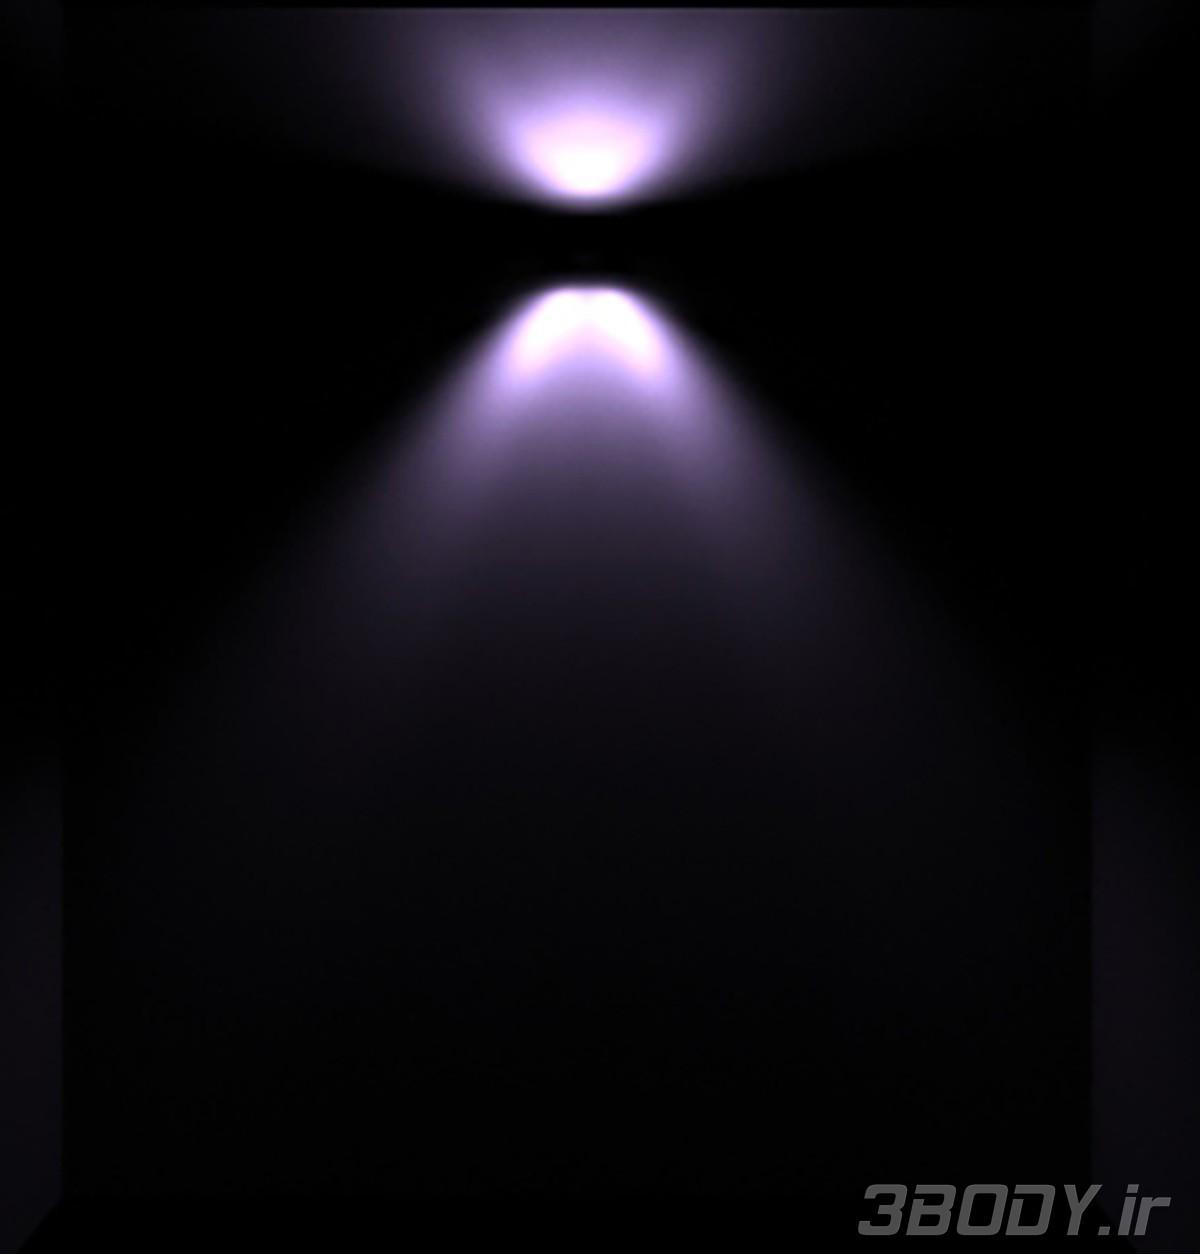 نور ies03 عکس 1